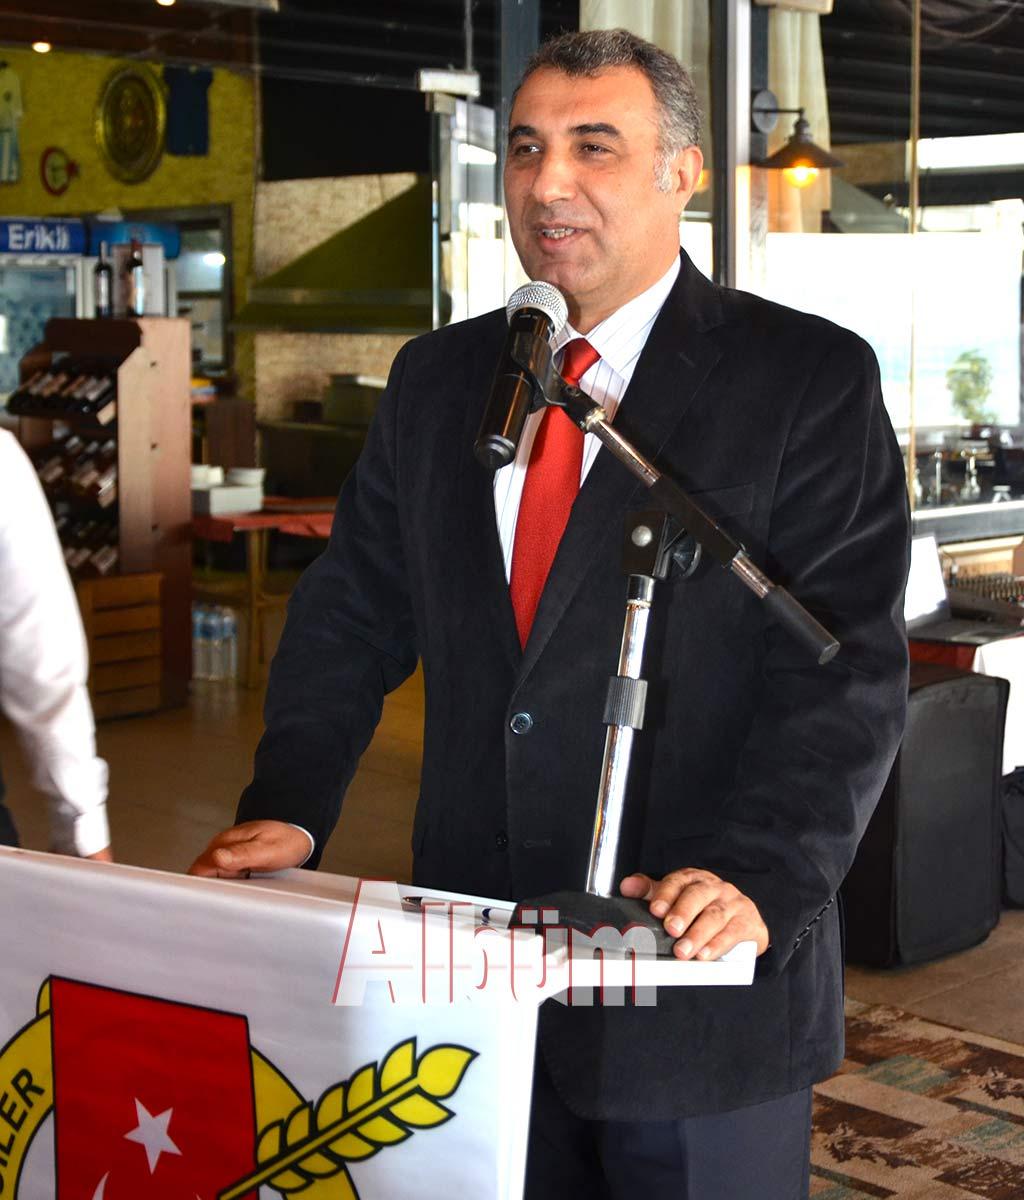 Mustafa-Harputlu